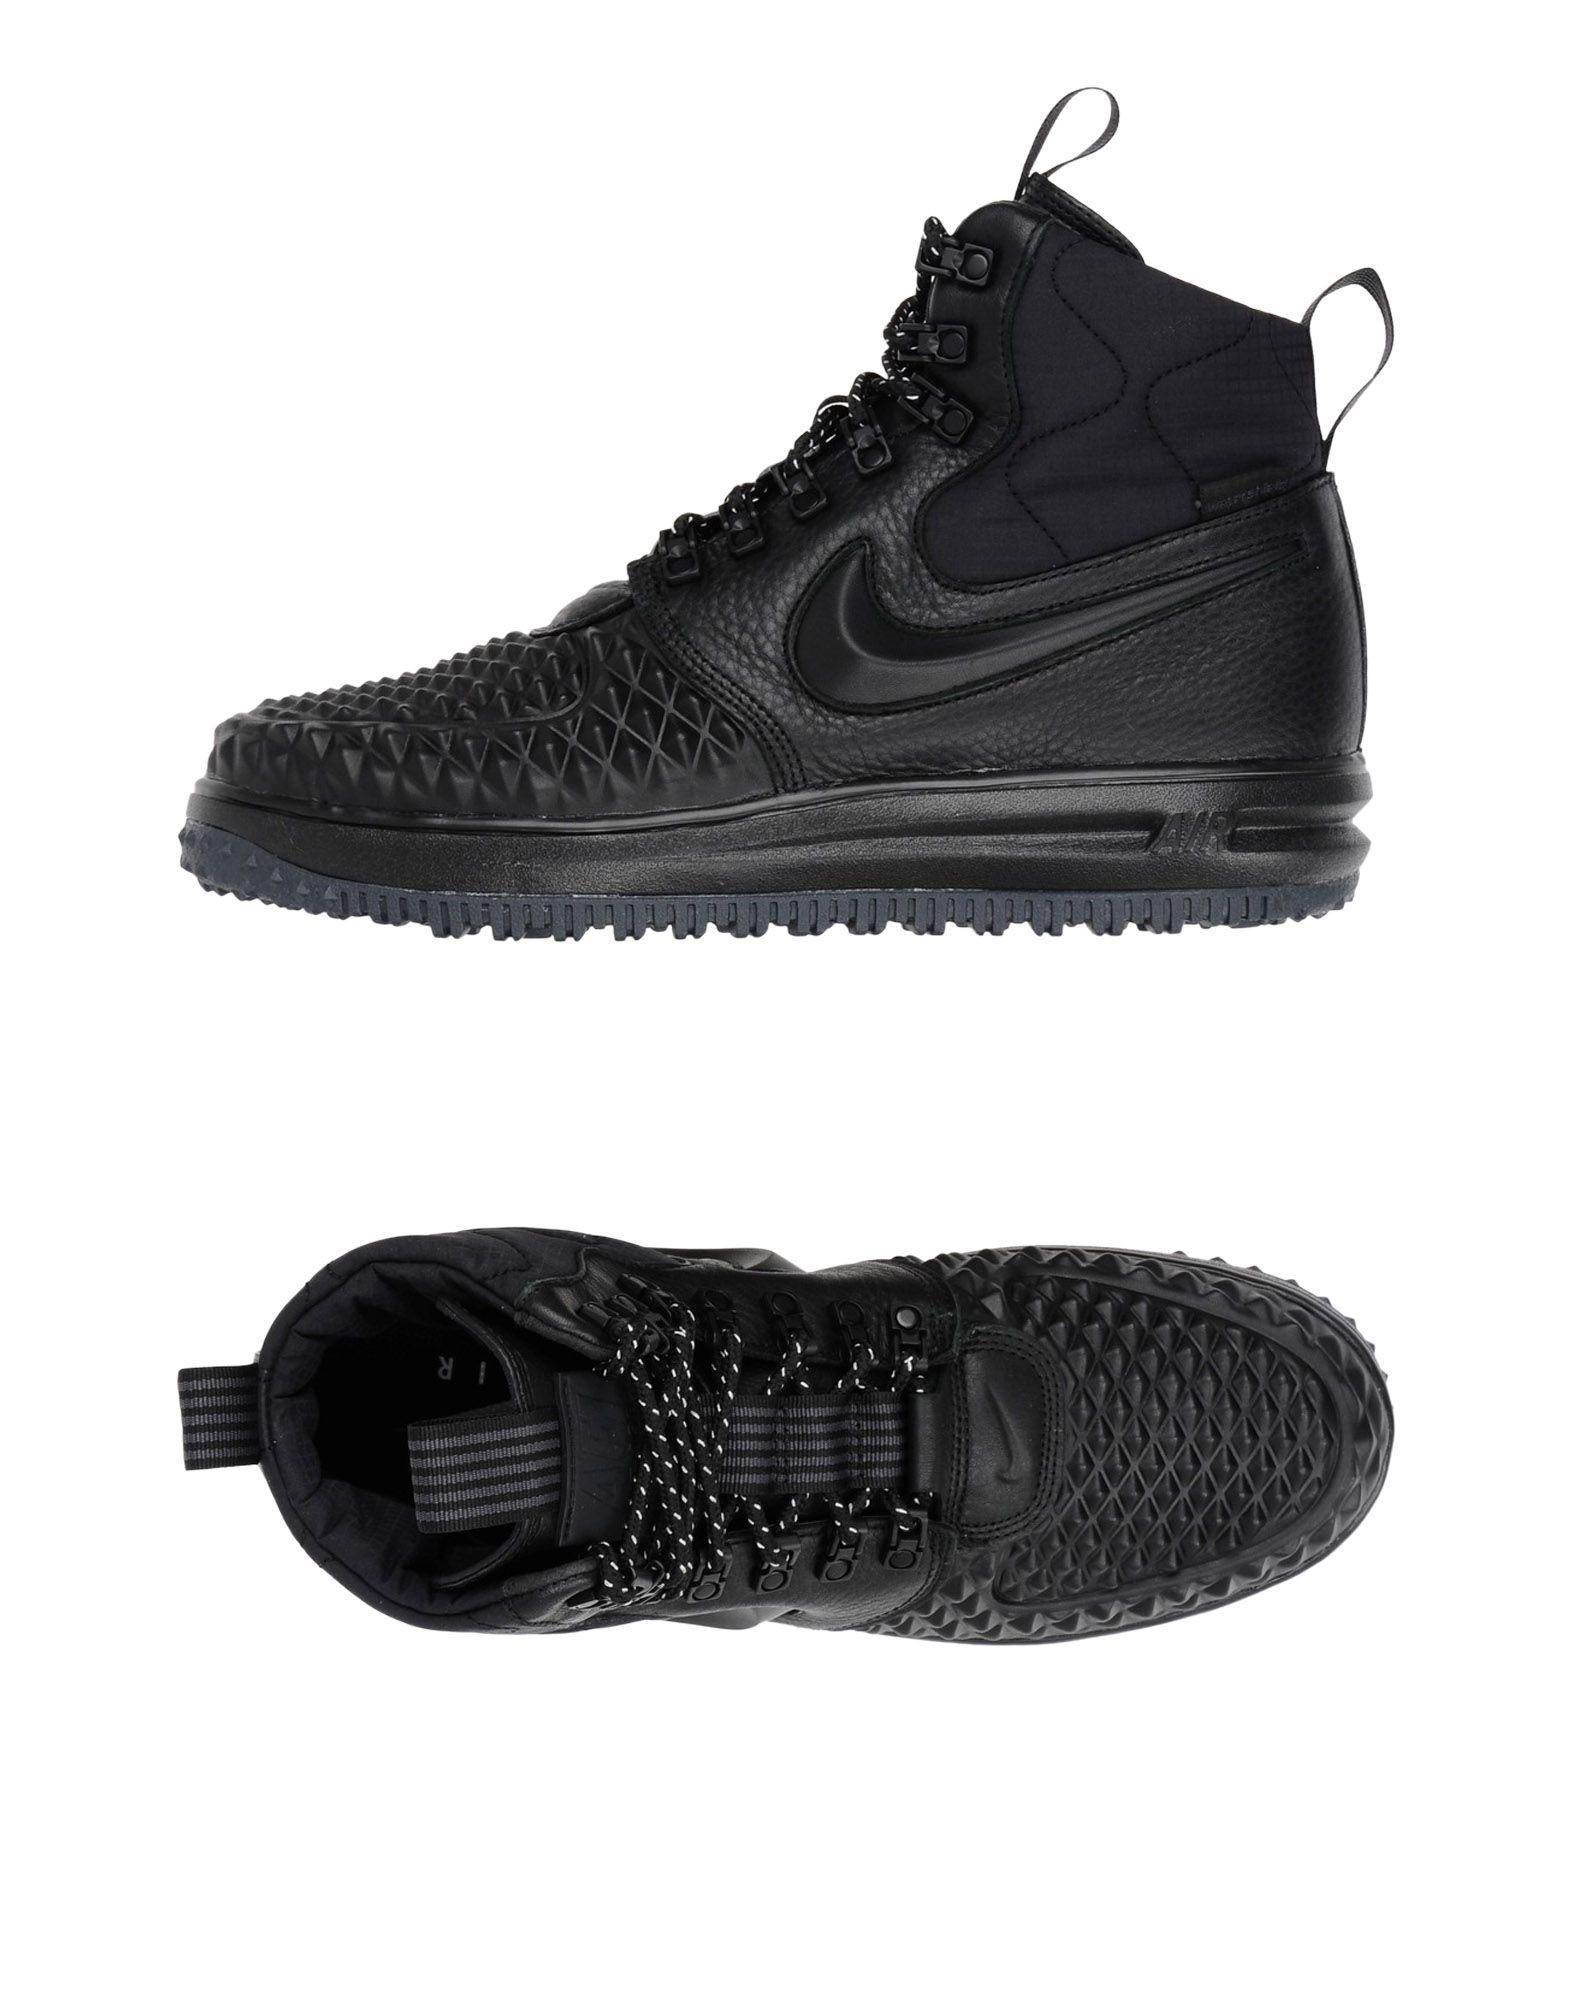 Sneakers Nike Lf1 Duckboot '17 - Uomo - 11383051QH